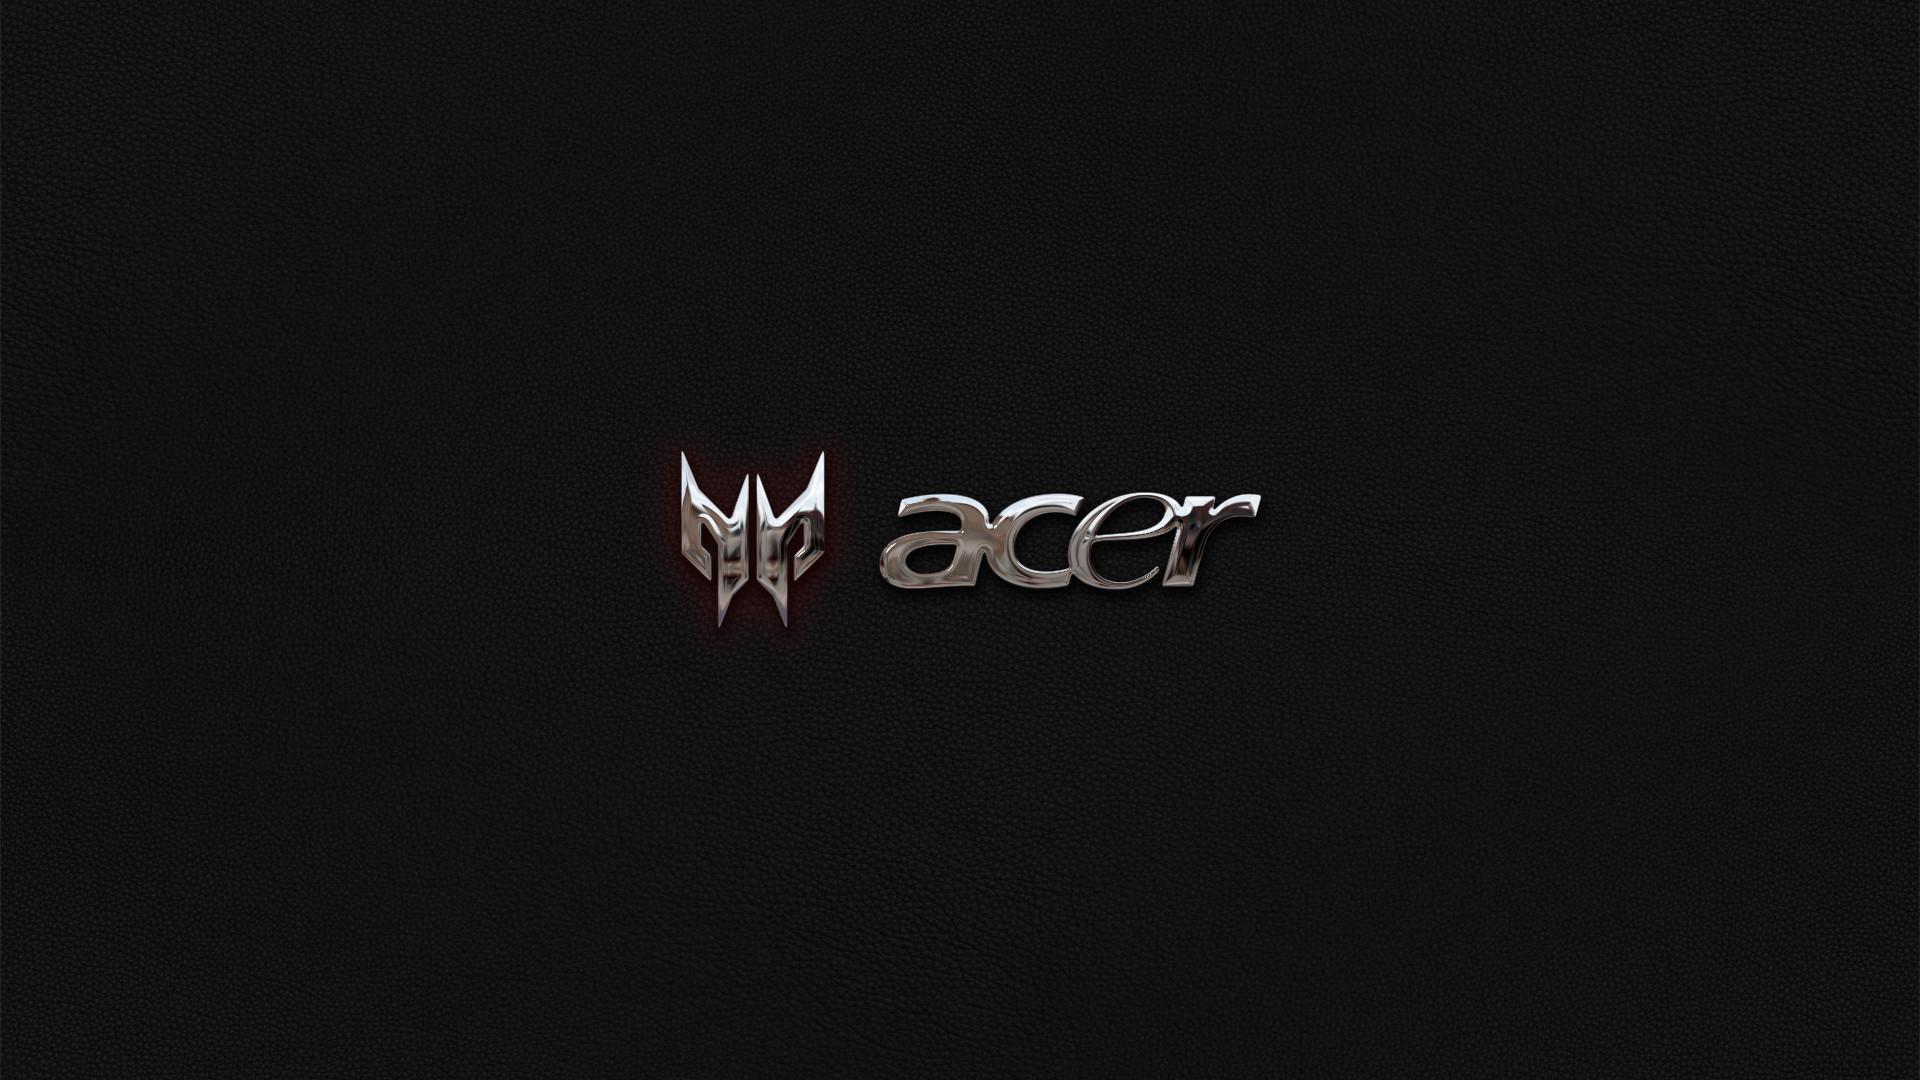 Acer Wallpaper 1